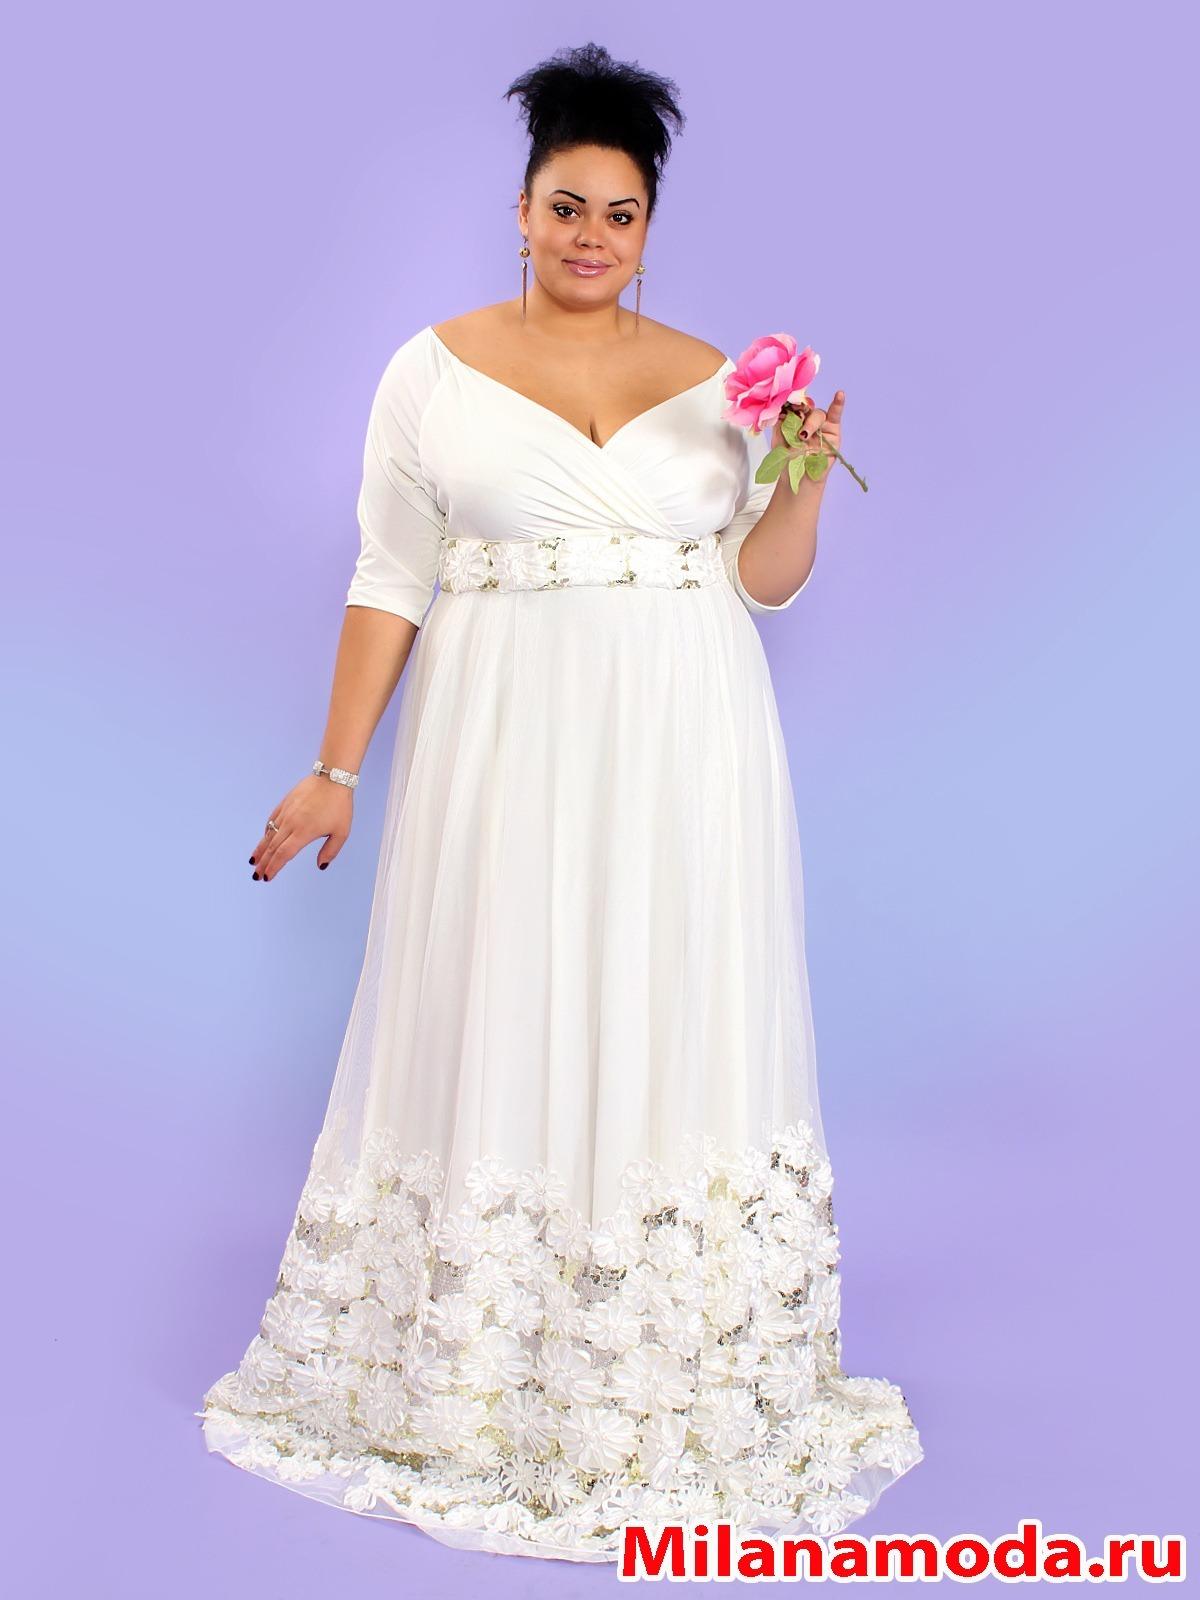 Вечернее платье из атласа своими руками фото 617